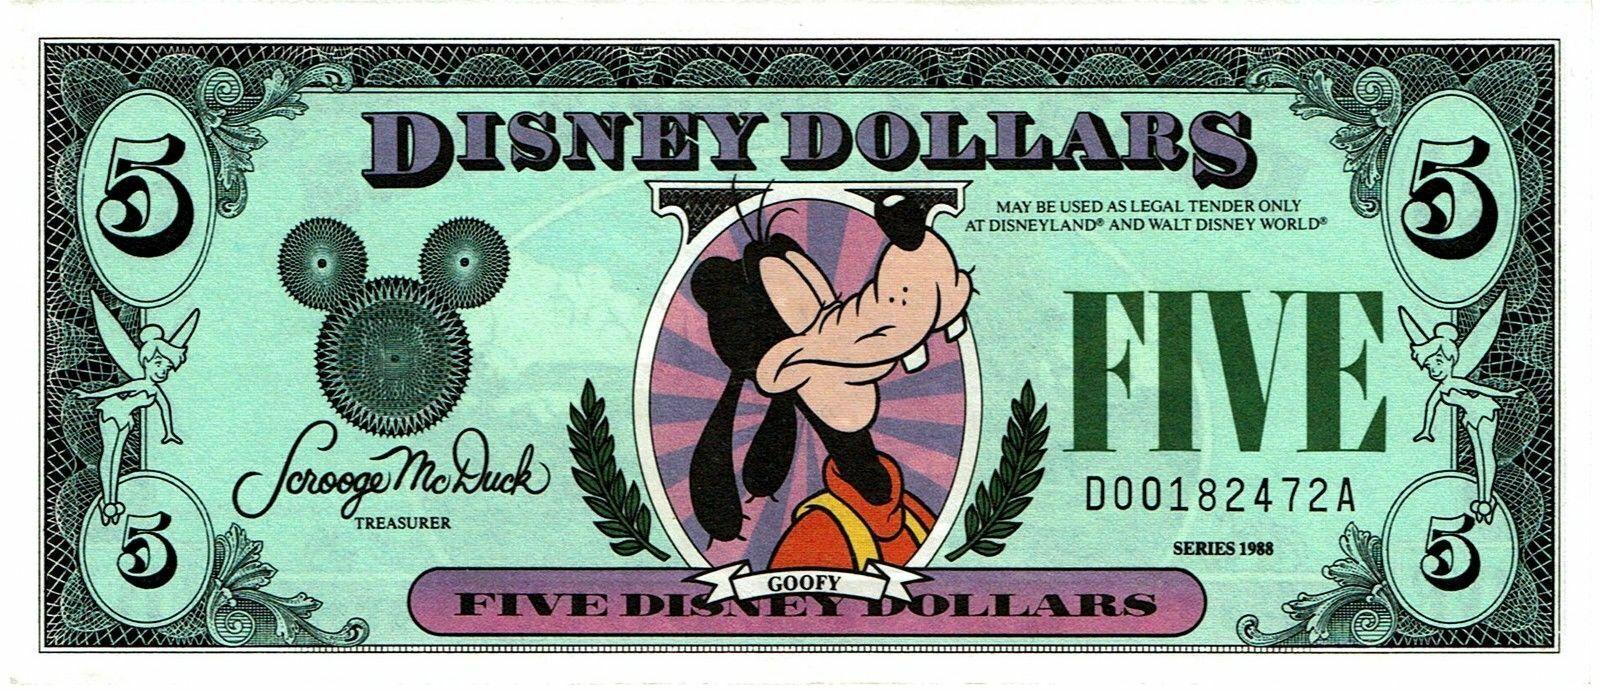 Изображение деньги для шуточной фотографии всего шторы